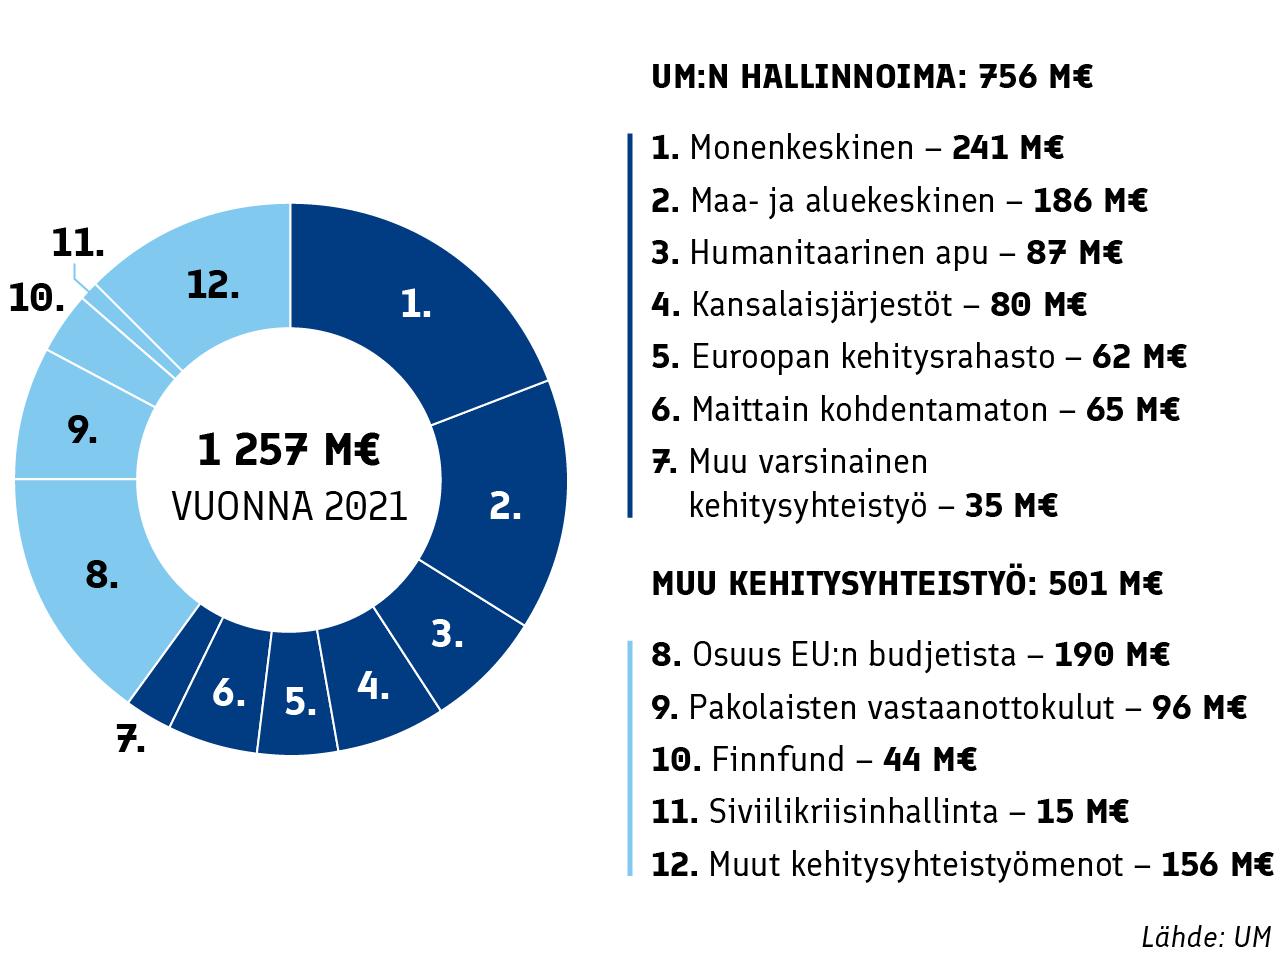 um.fi